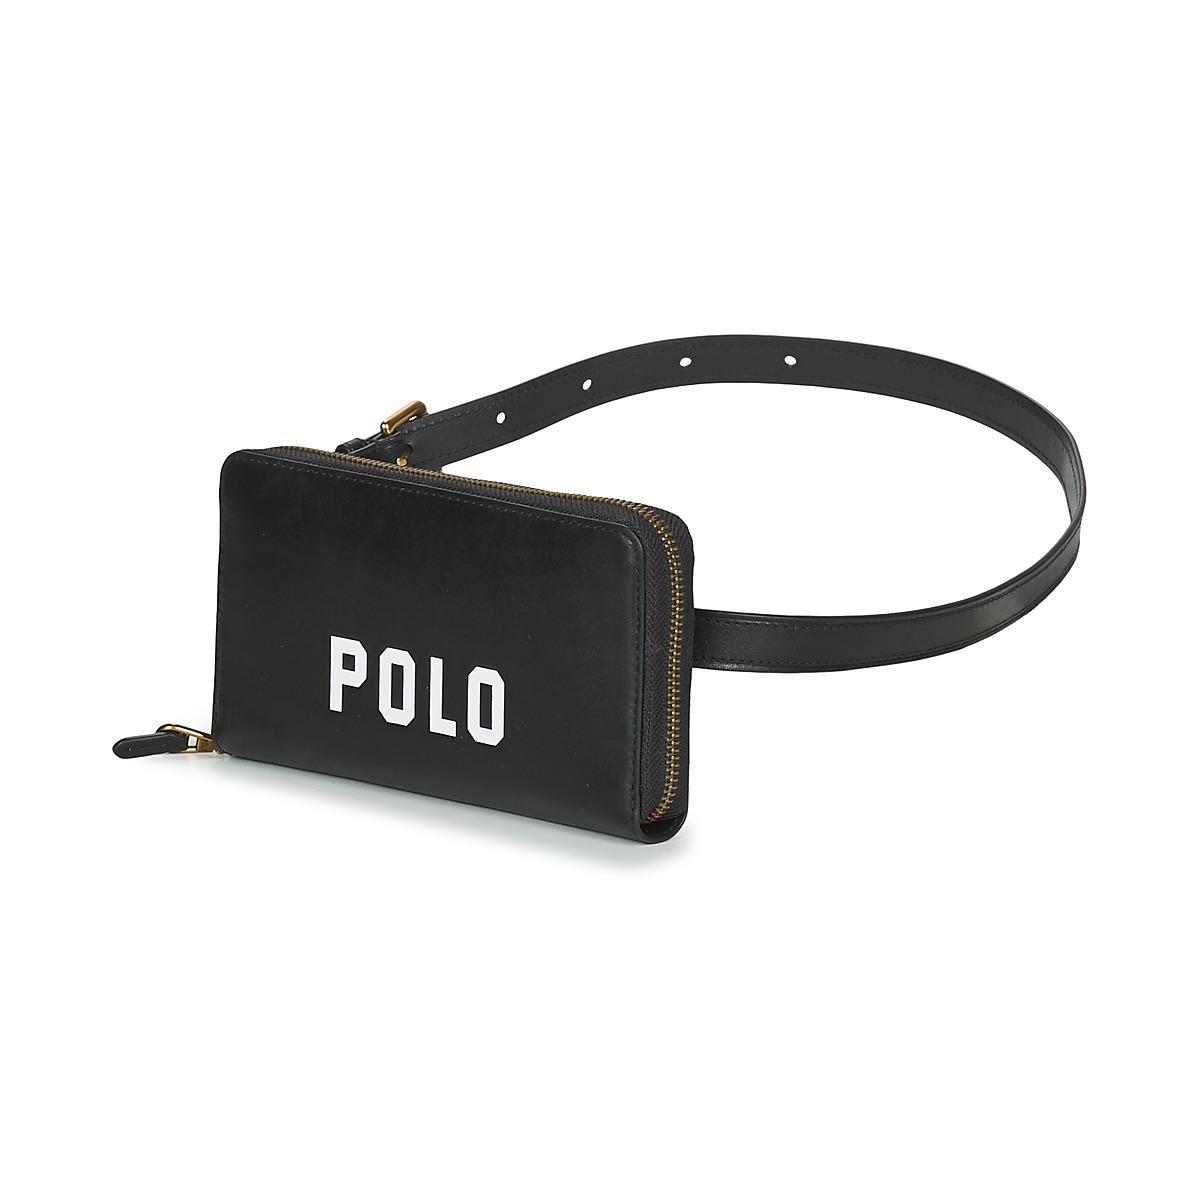 comprare popolare 56a54 19ab0 Marsupio donna Polo Ralph Lauren POLO SLGS 12114477 | Spedizione Gratuita